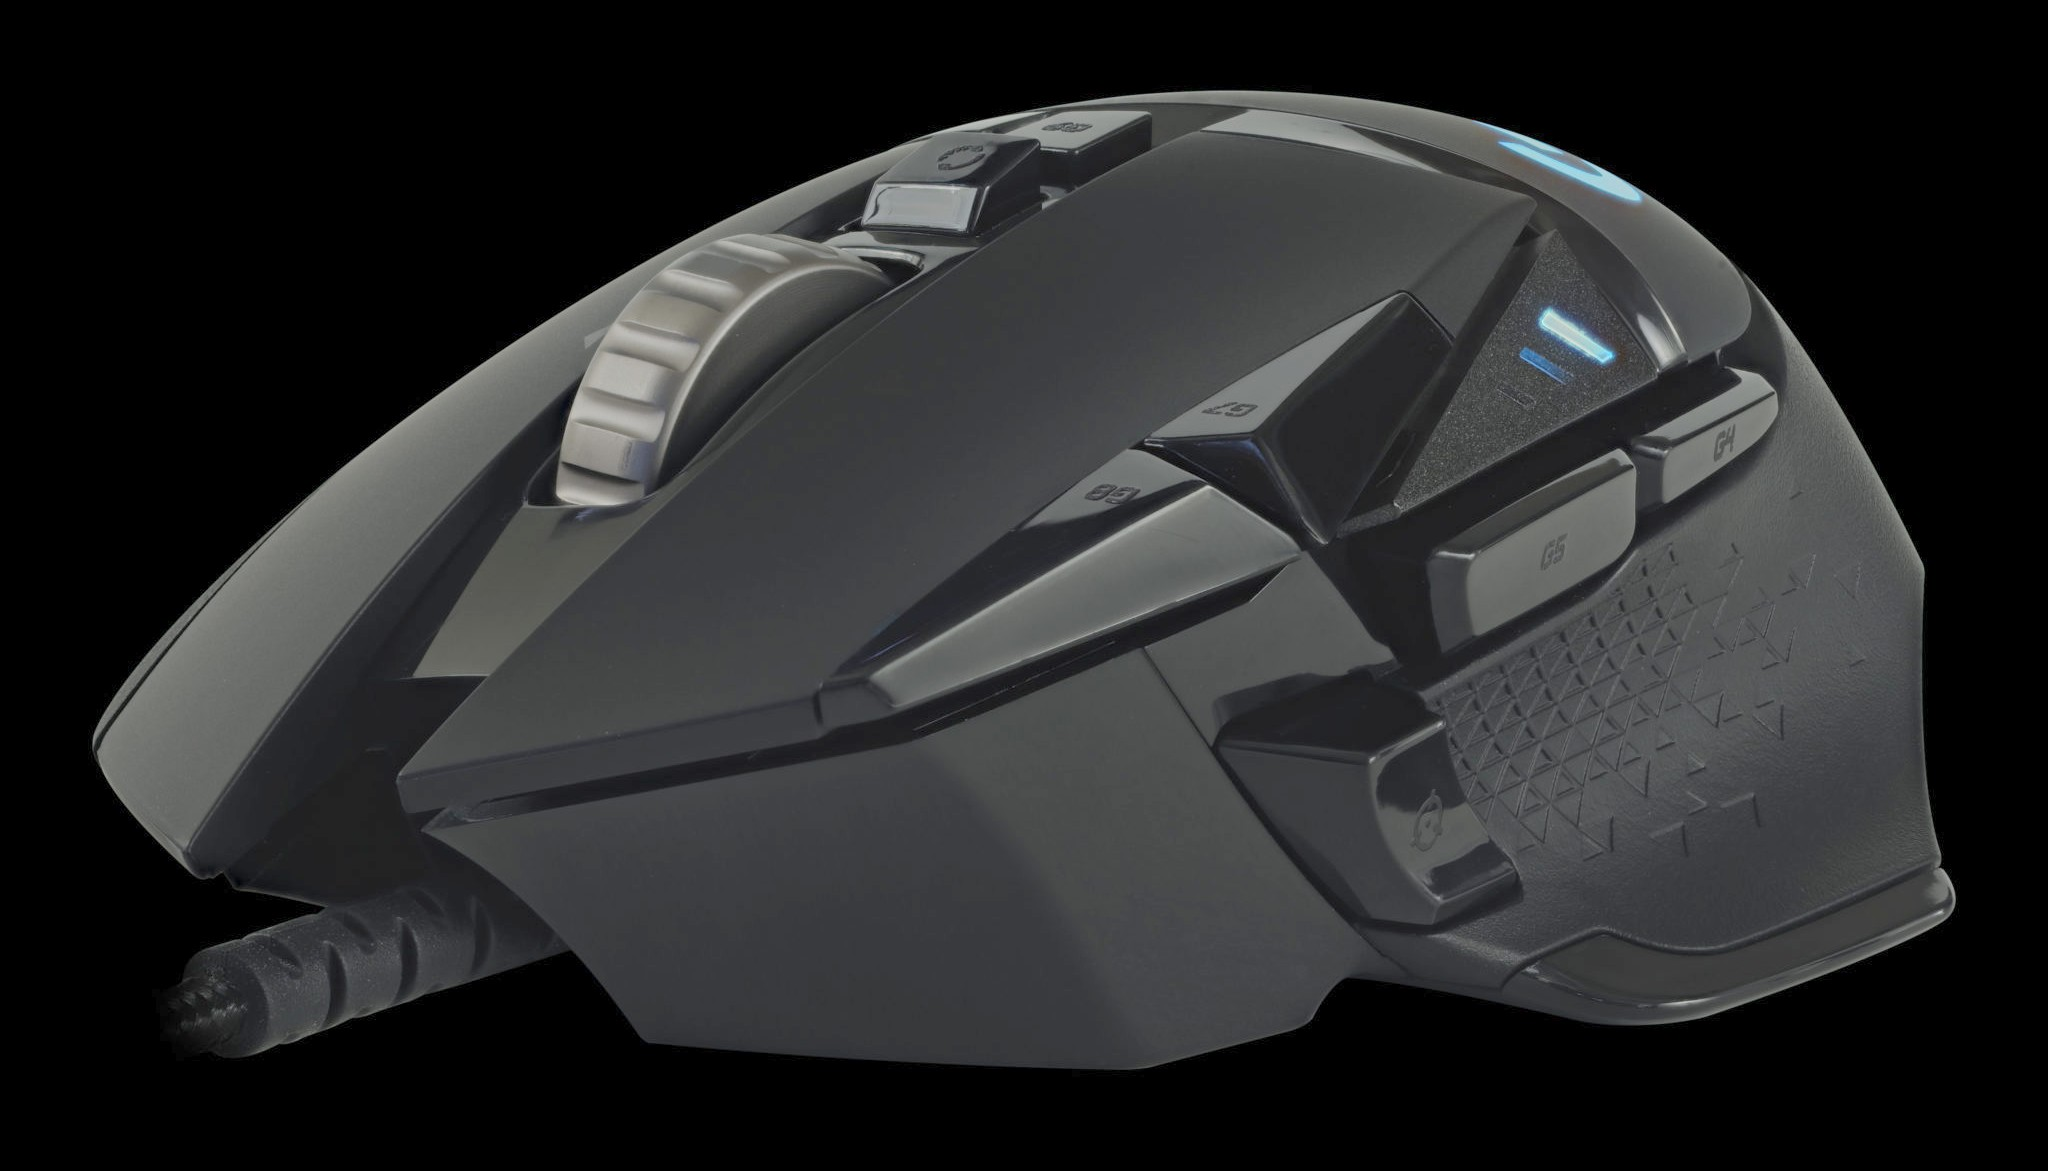 Logitech G502 Hero.jpg